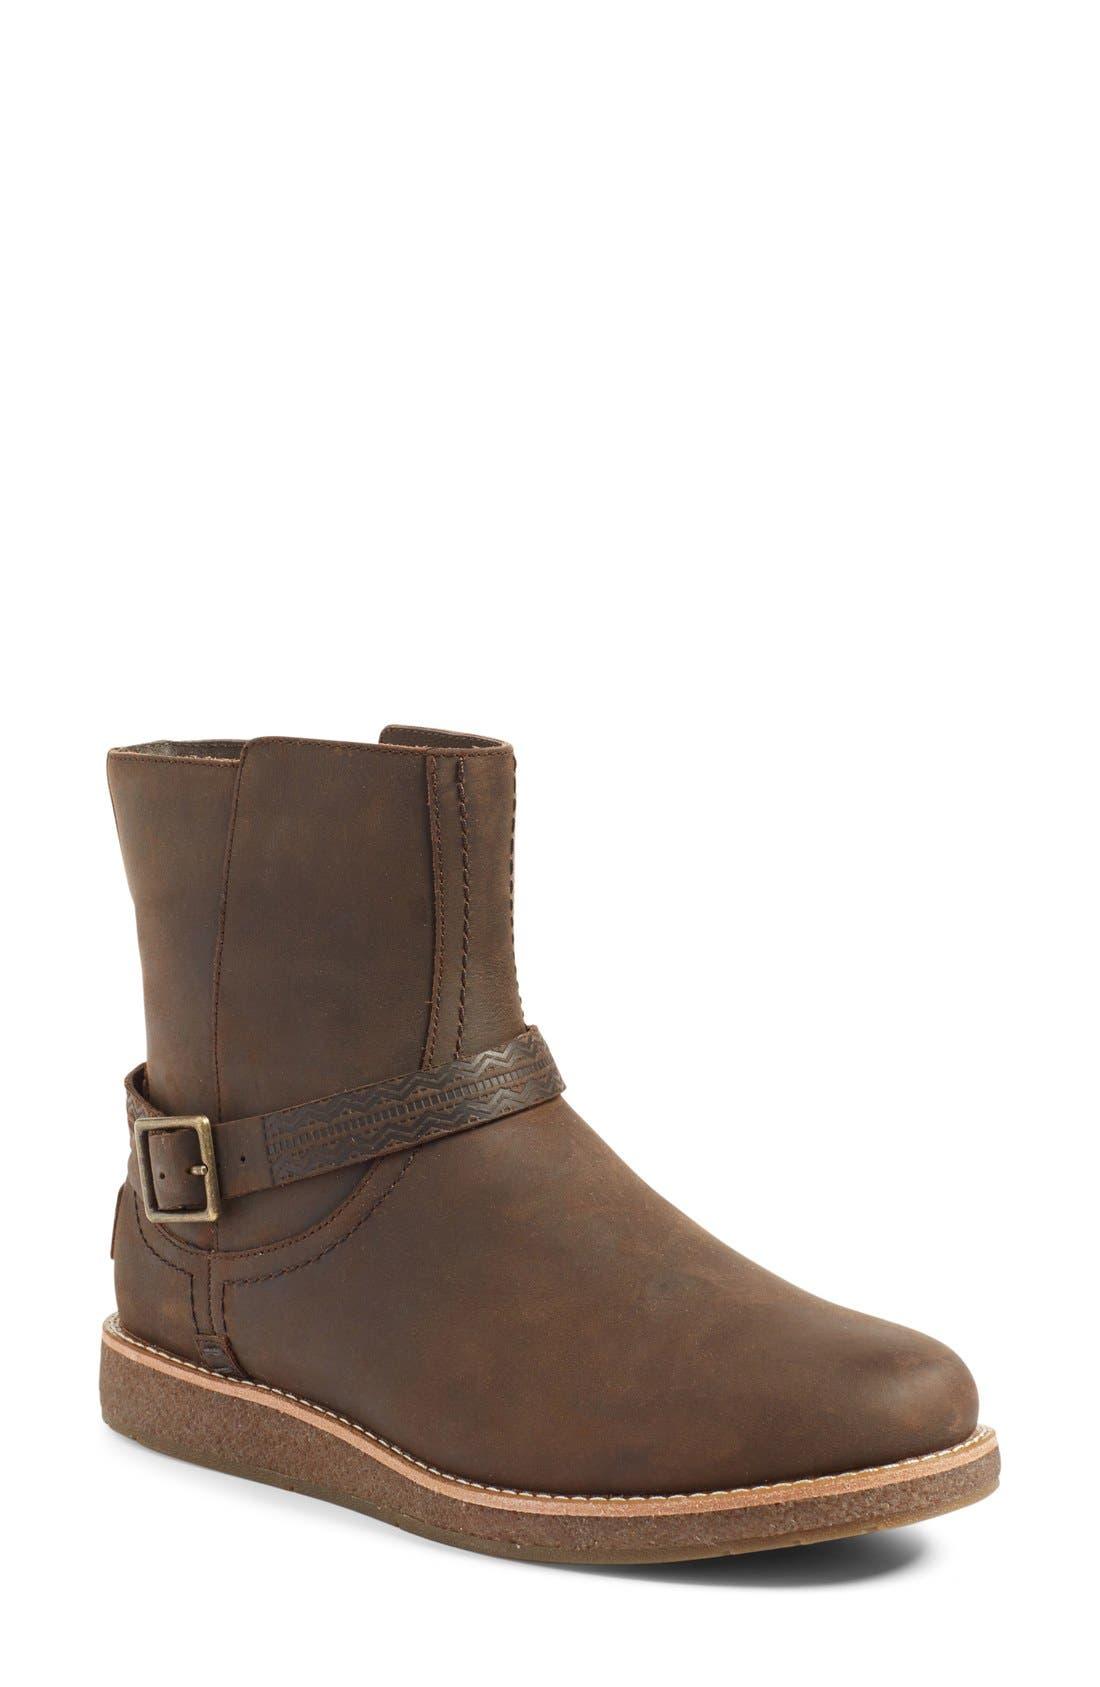 Alternate Image 1 Selected - UGG® 'Camren' Boot (Women)